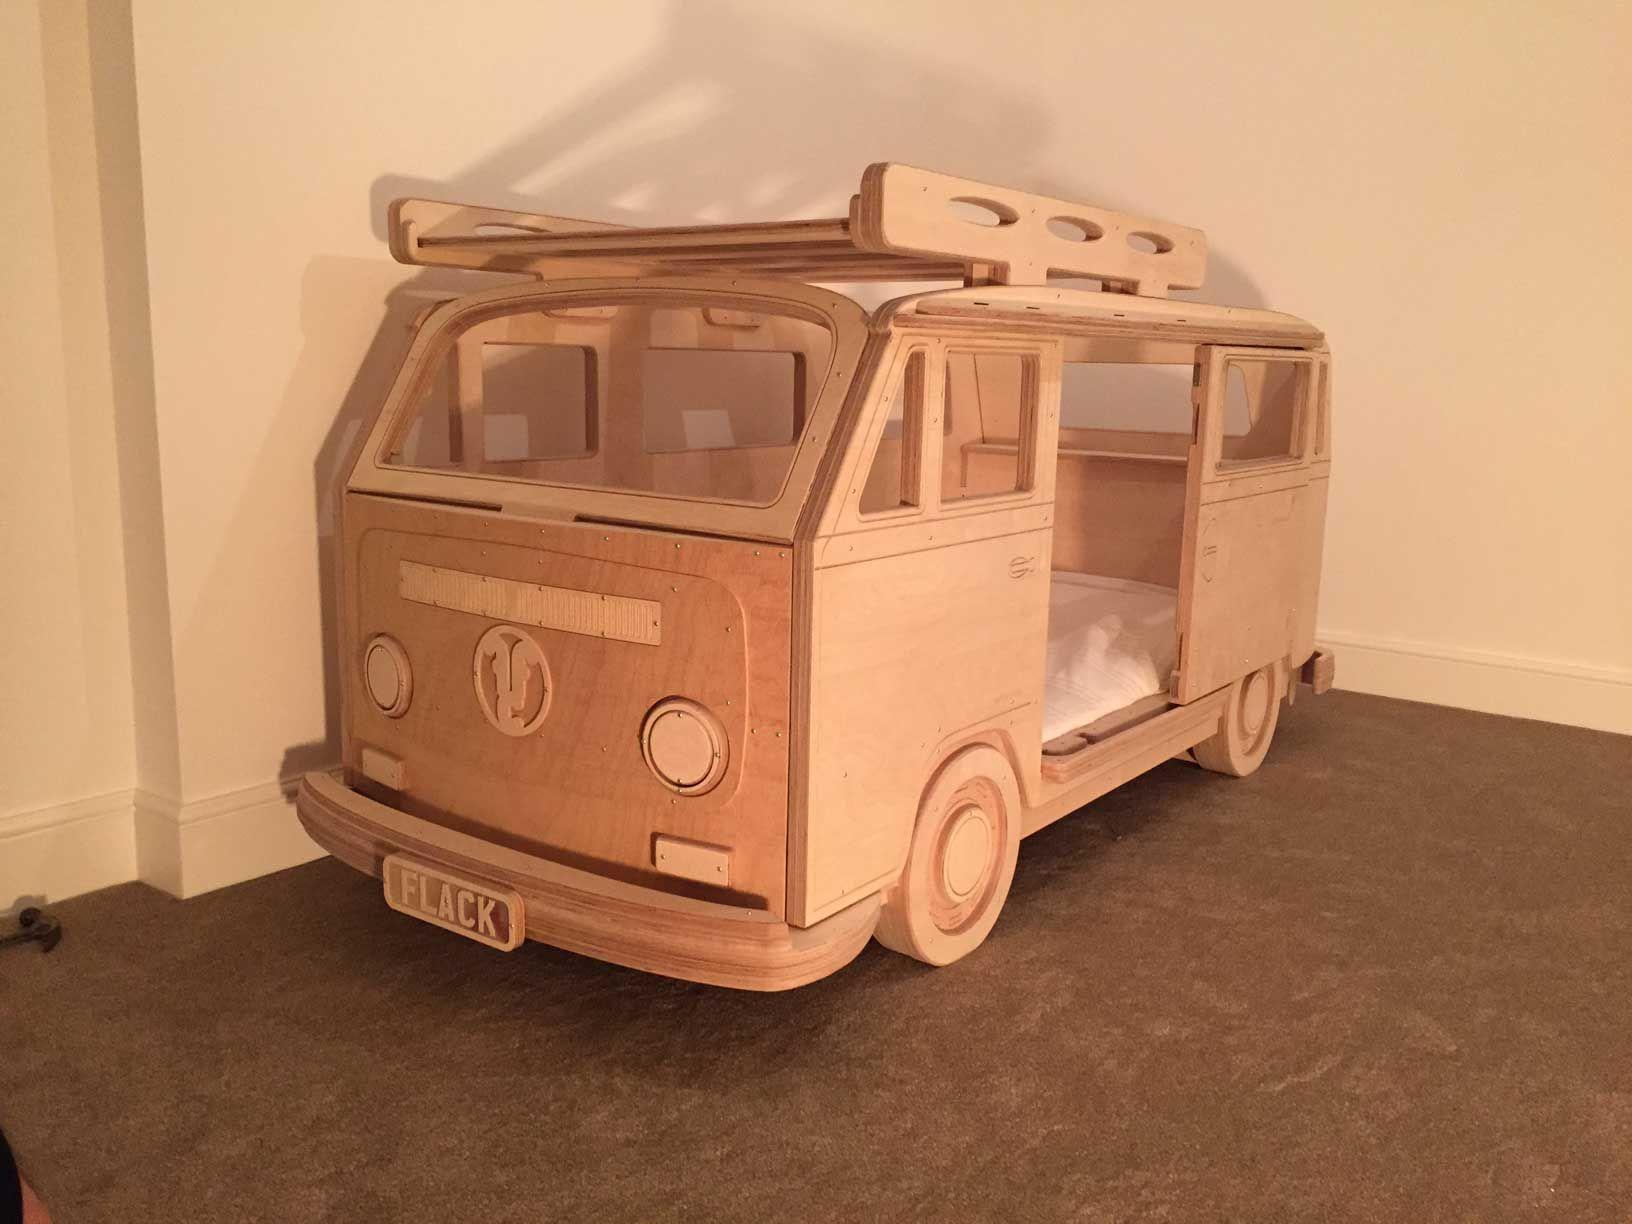 Bay Camper Van Single bed in Plywood unpainted by Fun